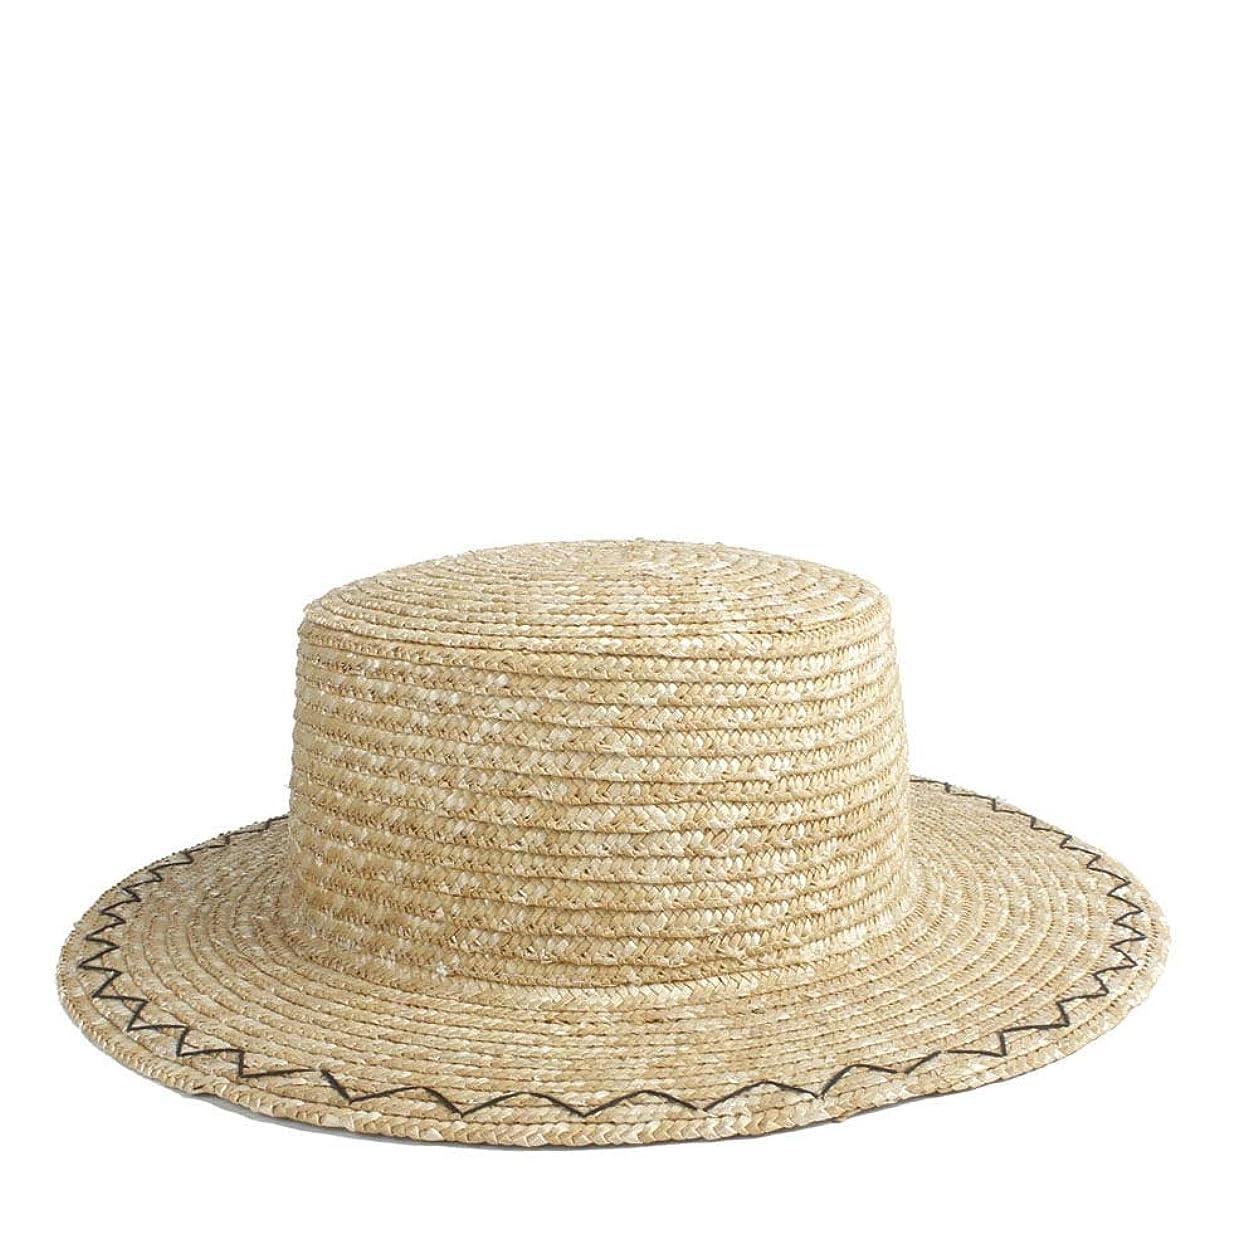 ショット言うまでもなくバケットサンハット 麦わら帽子 レディース 麦わらハット ストロー わら 春 夏 アウトドア 通勤 旅行 ビーチ JPTYL (Color : 1, Size : 56-58CM)